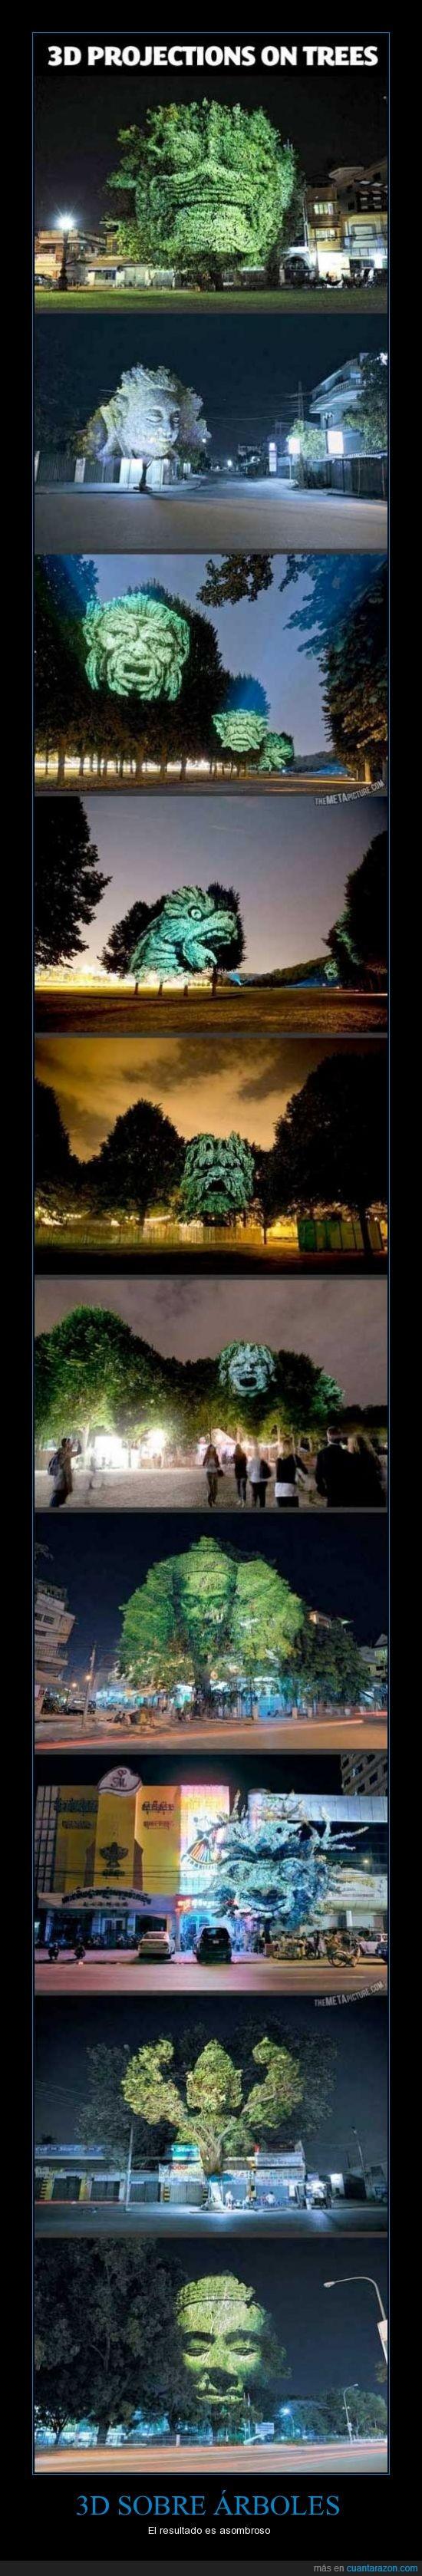 3d,árboles,asombroso,proyecciones